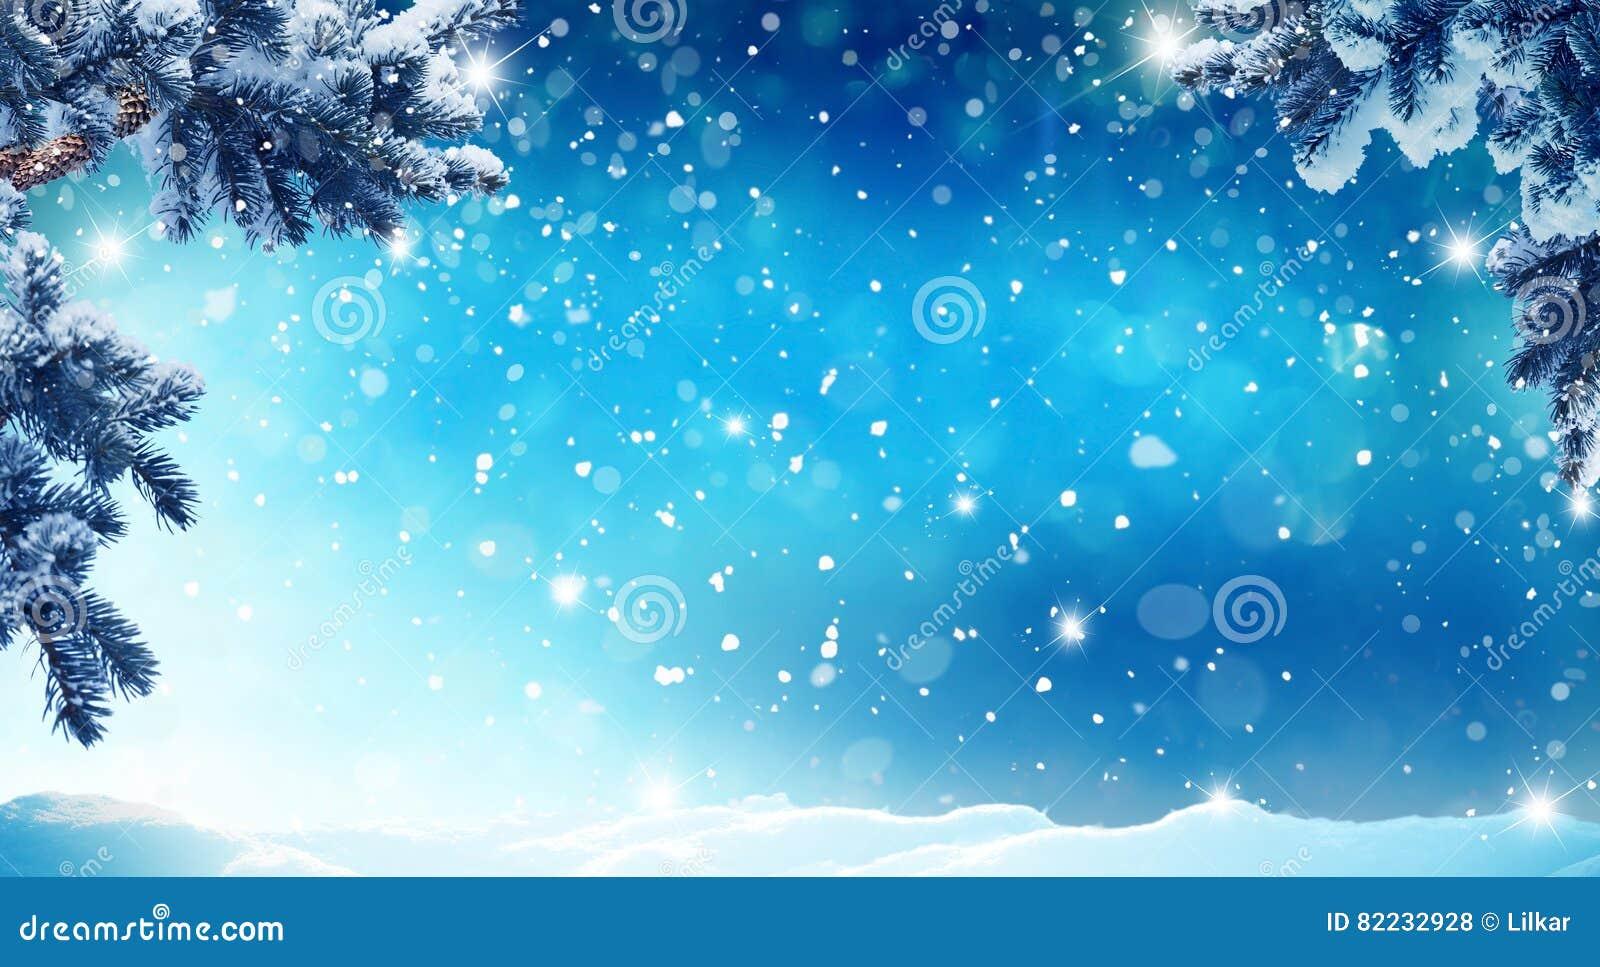 Cartoline Buon Natale E Felice Anno Nuovo.Cartolina D Auguri Anno Felice Di Nuovo E Di Buon Natale Fotografia Stock Immagine Di Montagna Magia 82232928